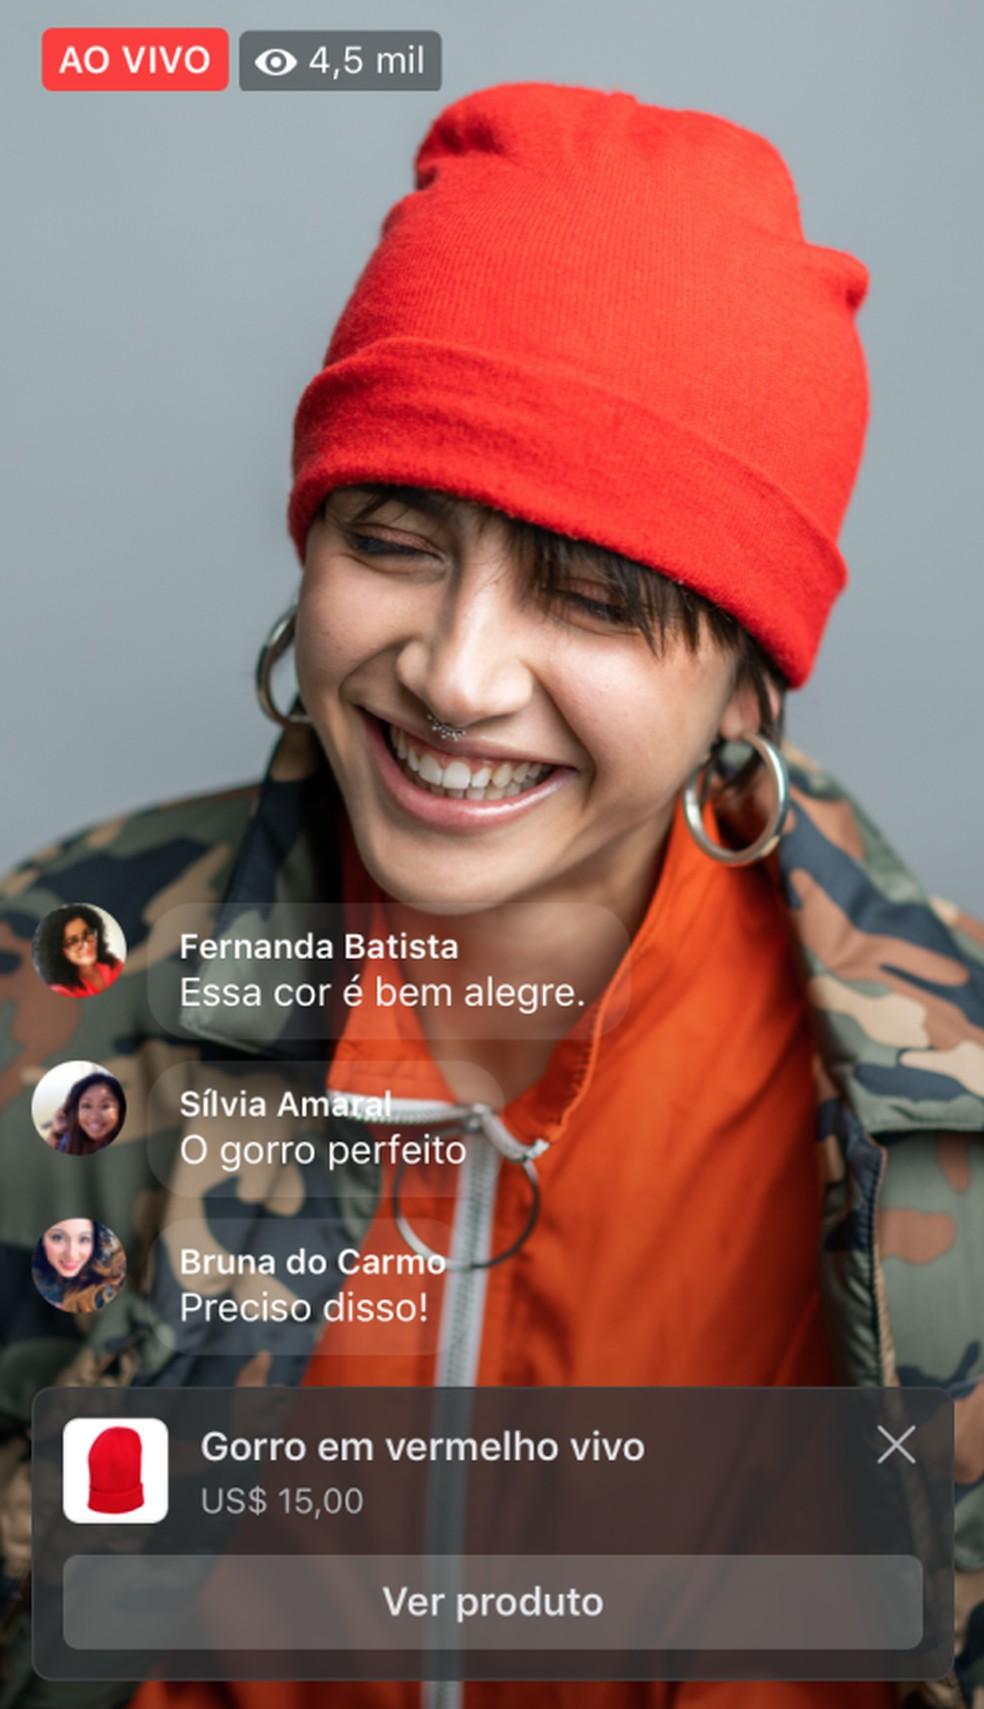 Facebook diz que em breve será possível linkar produtos em lives na rede social. — Foto: Divulgação